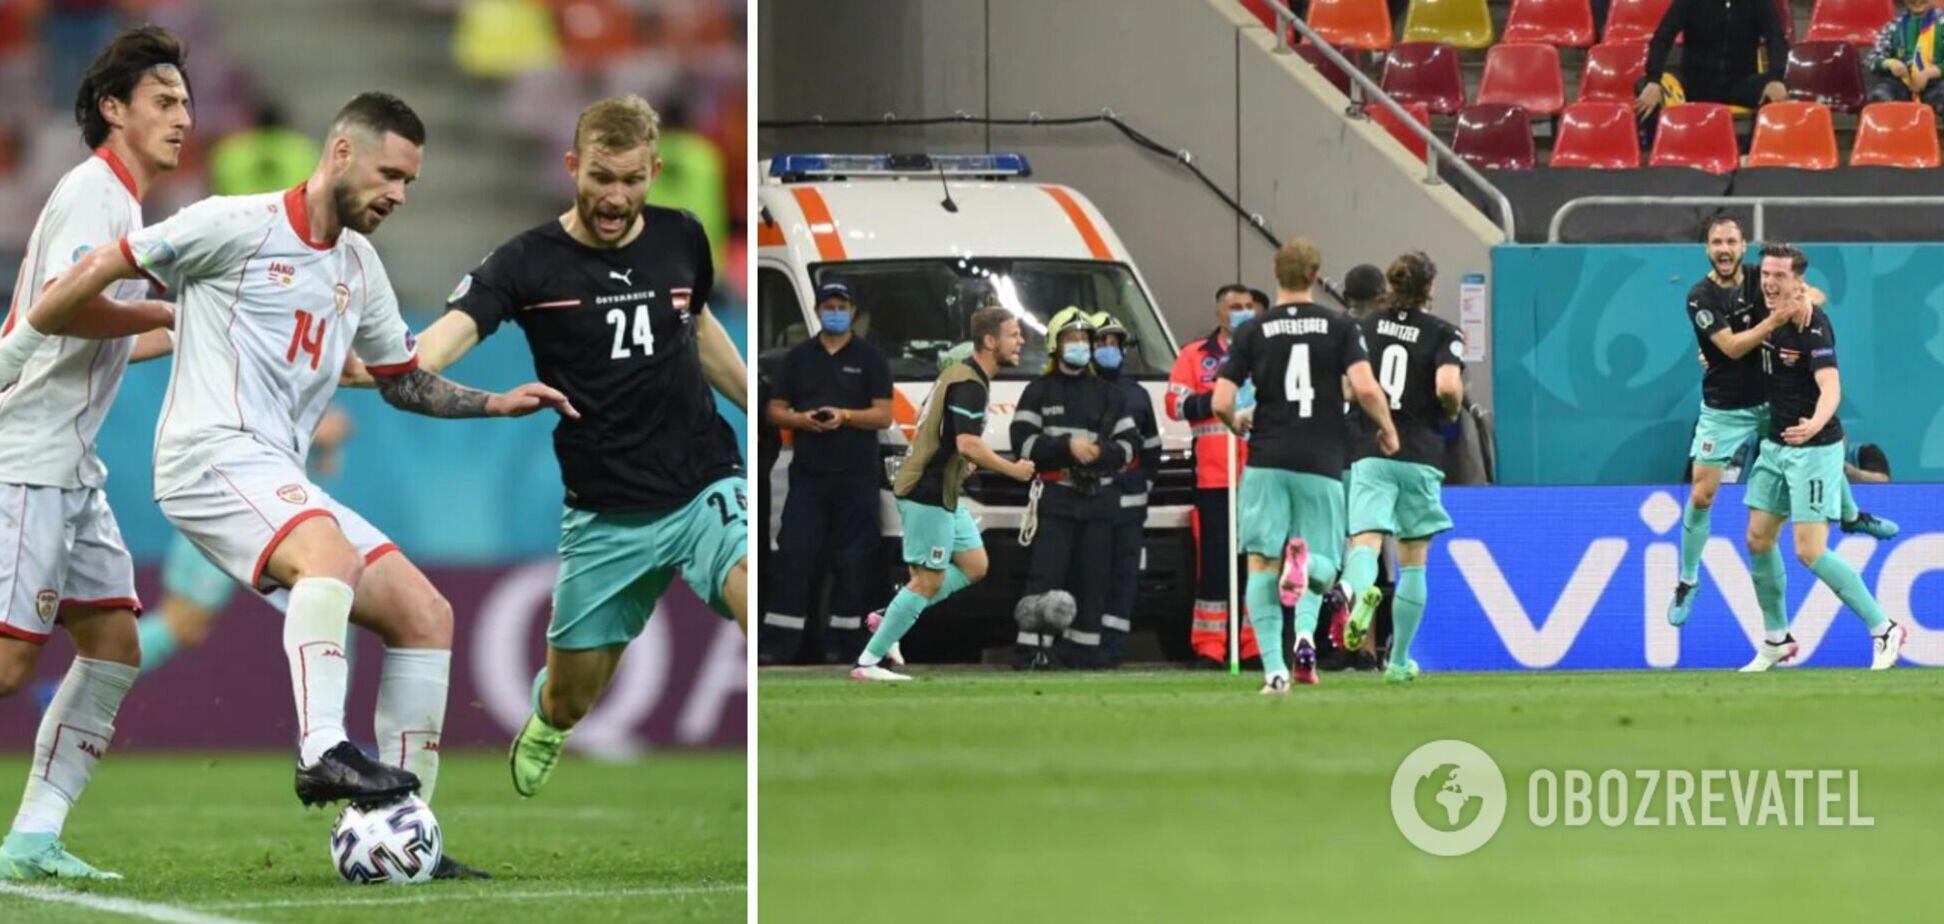 Австрия победила Северную Македонию на Евро-2020